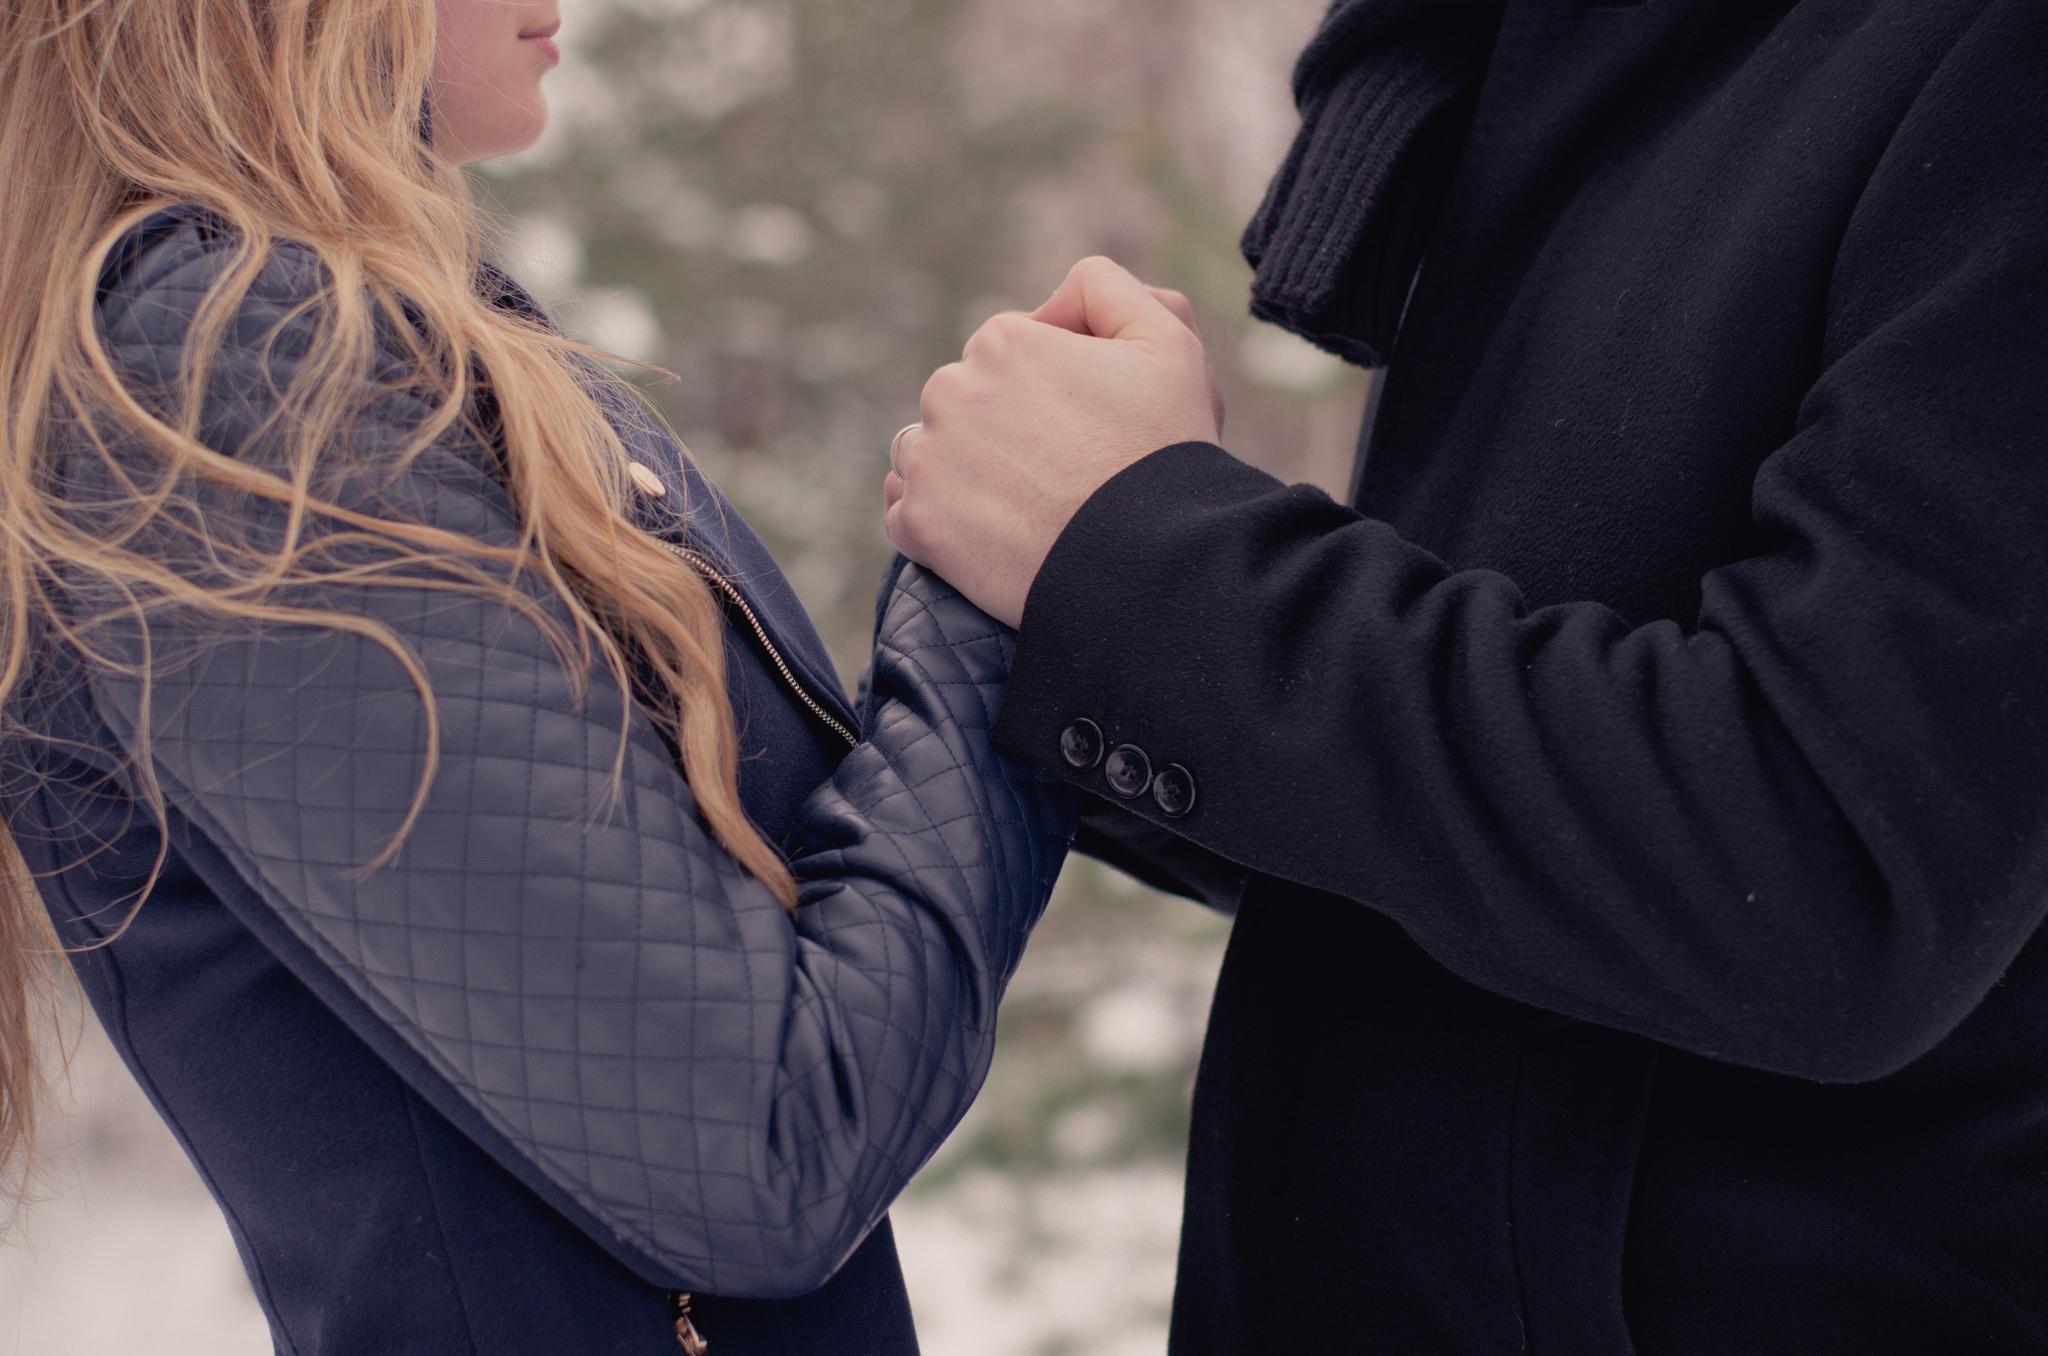 24.11.15 - Garotas solteiras Procurem por um cara com visão, paixão e propósito - ALINE